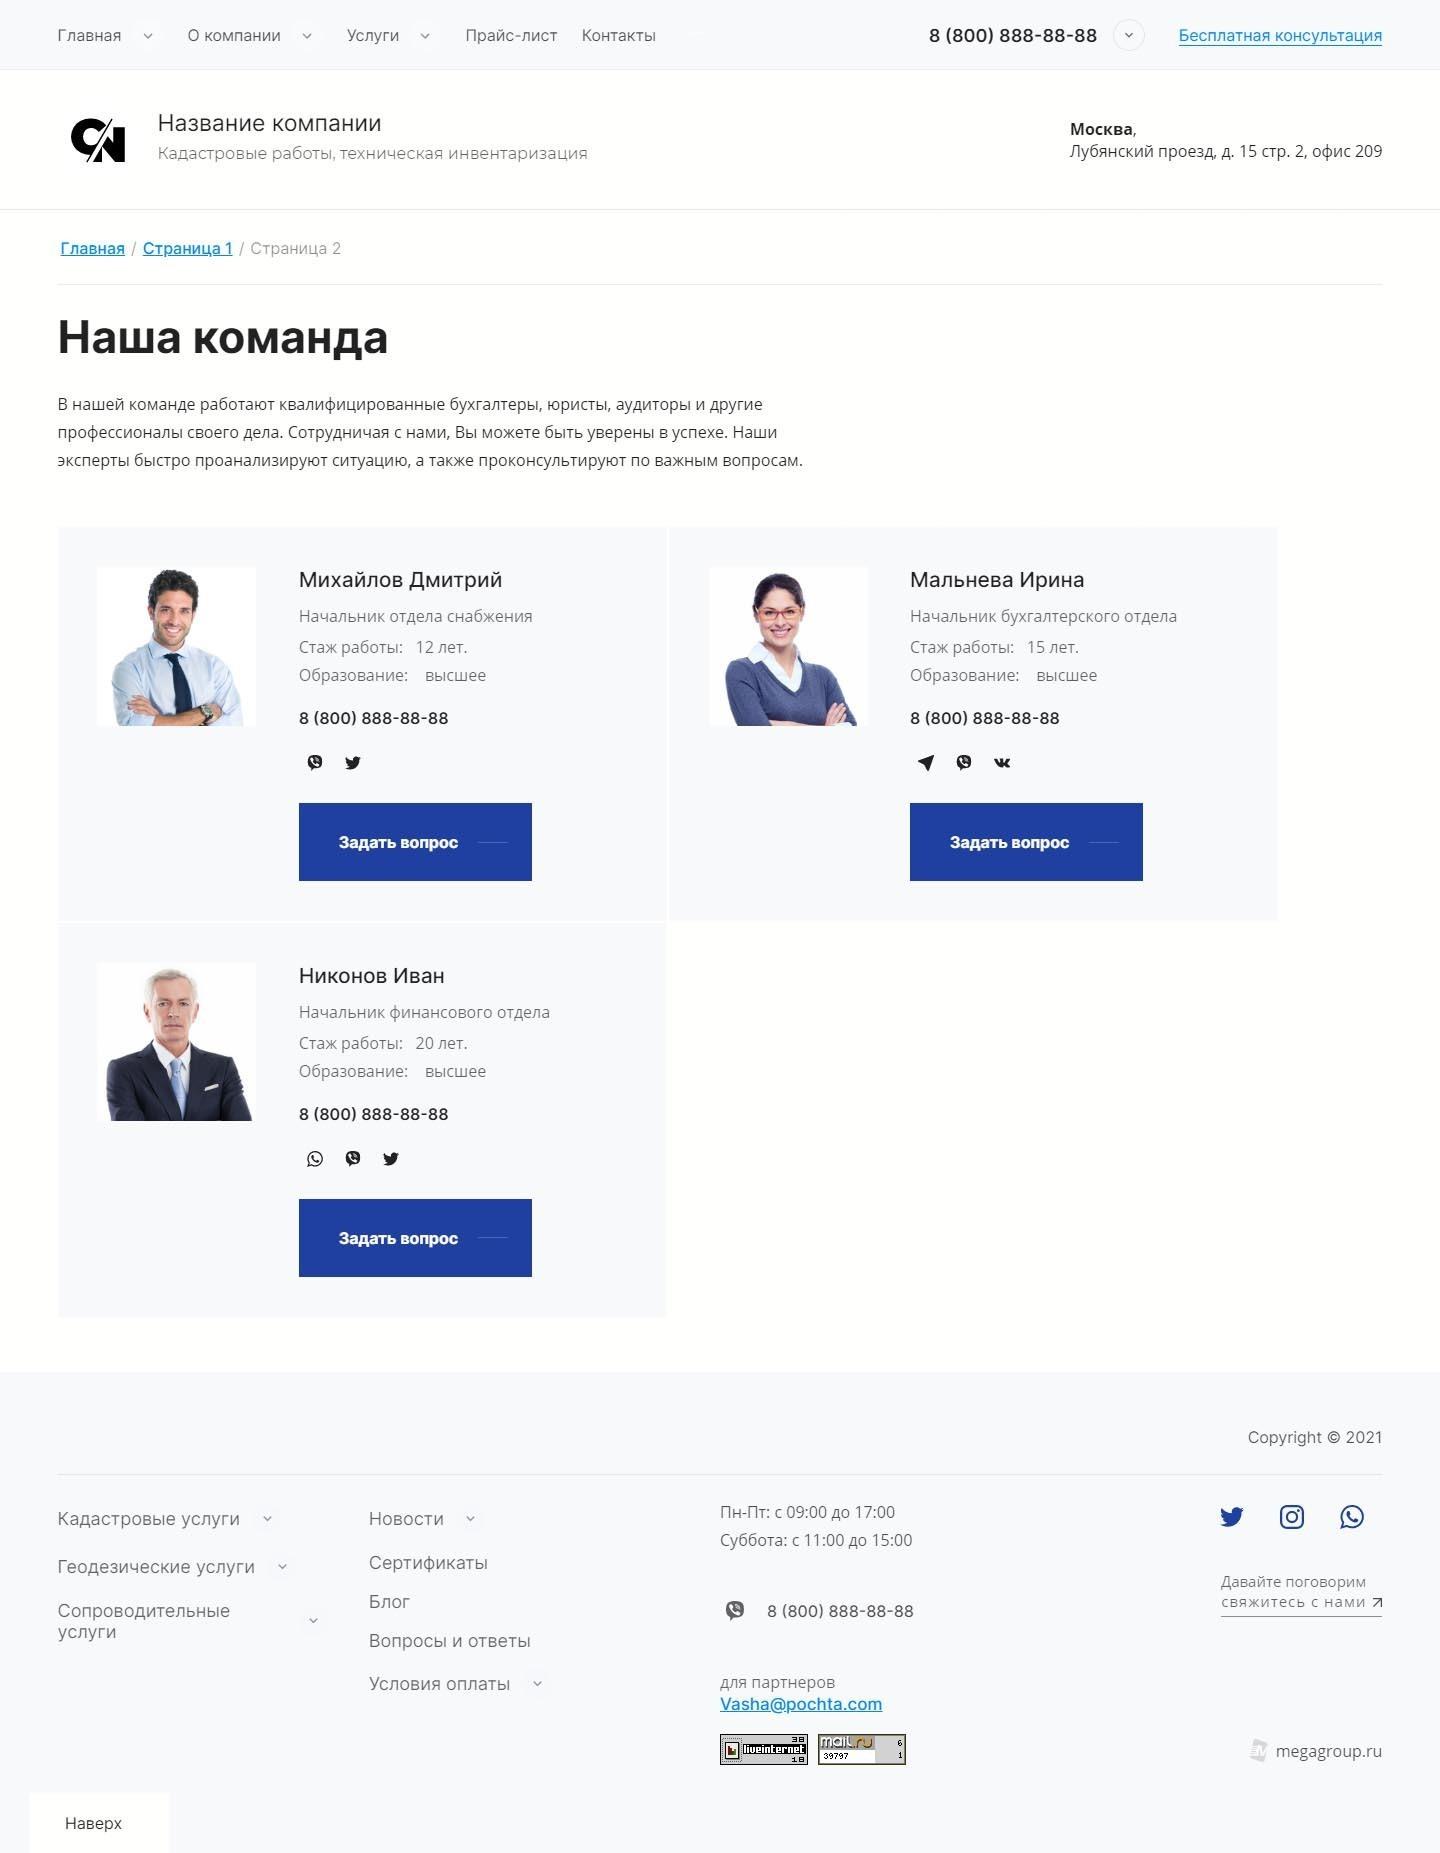 Готовый Сайт-Бизнес #2998184 - Кадастровые работы, техническая инвентаризация, учет (Команда)